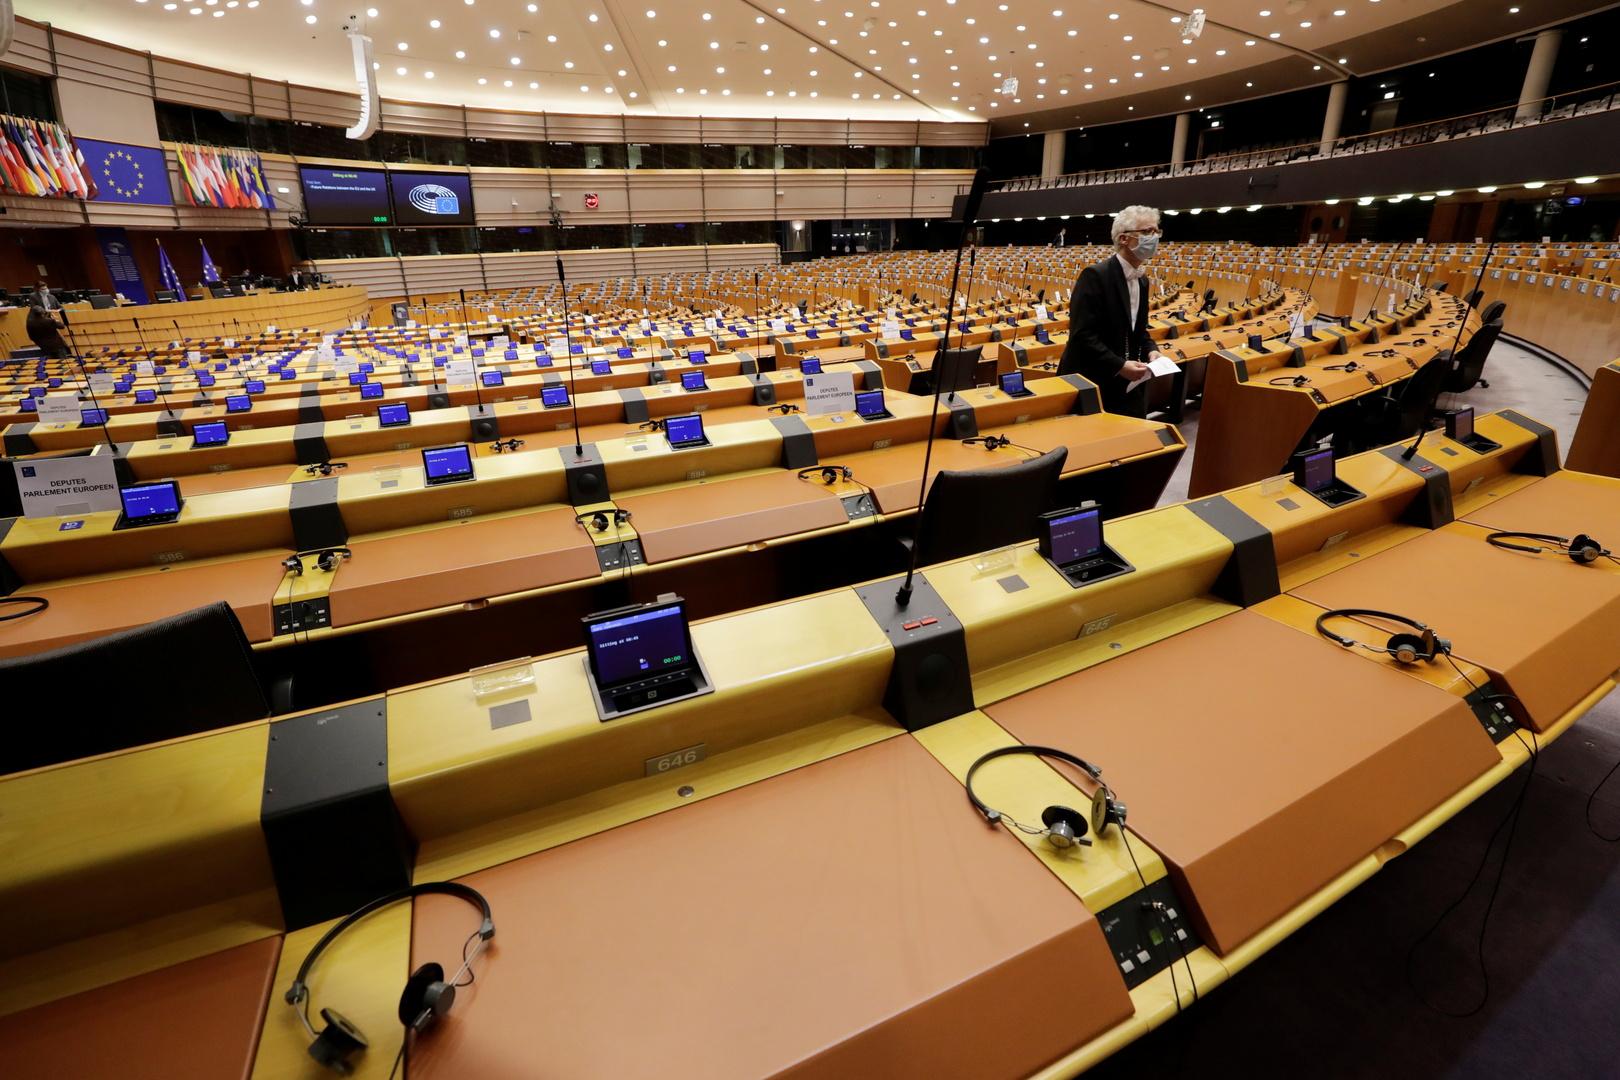 قاعة المداولات في البرلمان الاوروبي في بروكسل.